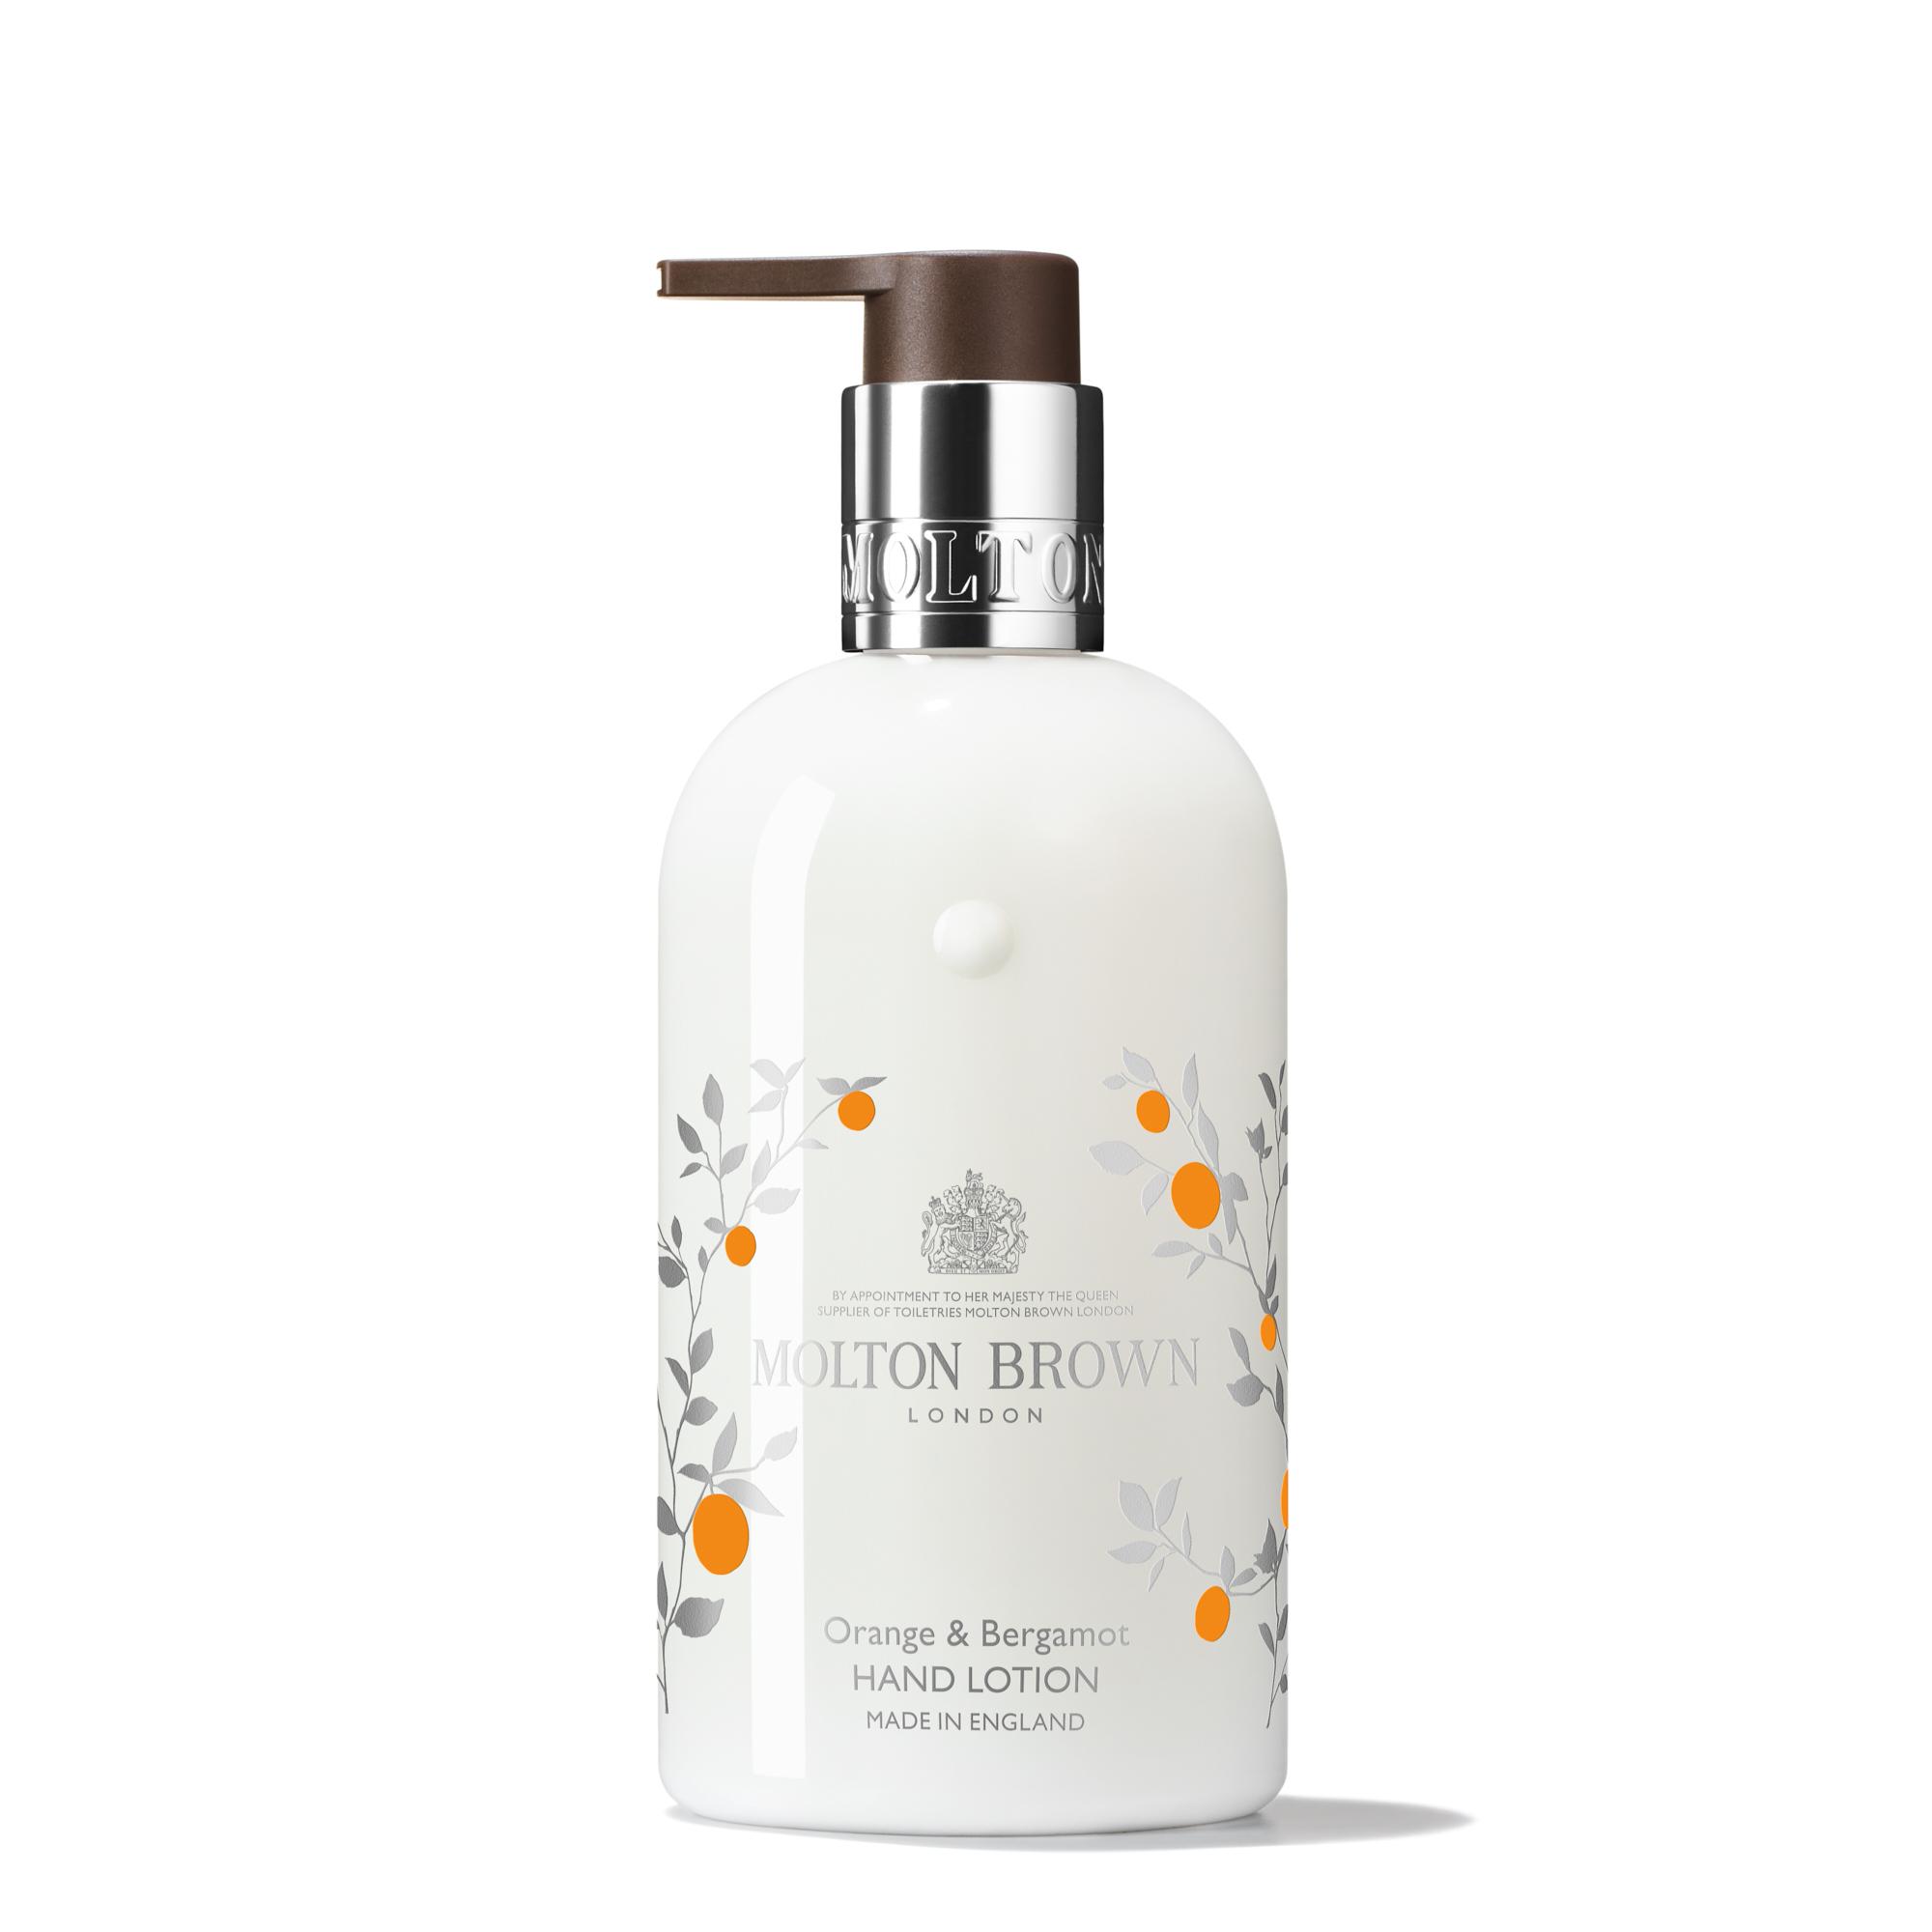 上品なシトラスな香りに癒やされるMOLTON BROWN(モルトンブラウン)『オレンジ&ベルガモット ハンドローション』の使用感をレポに関する画像1